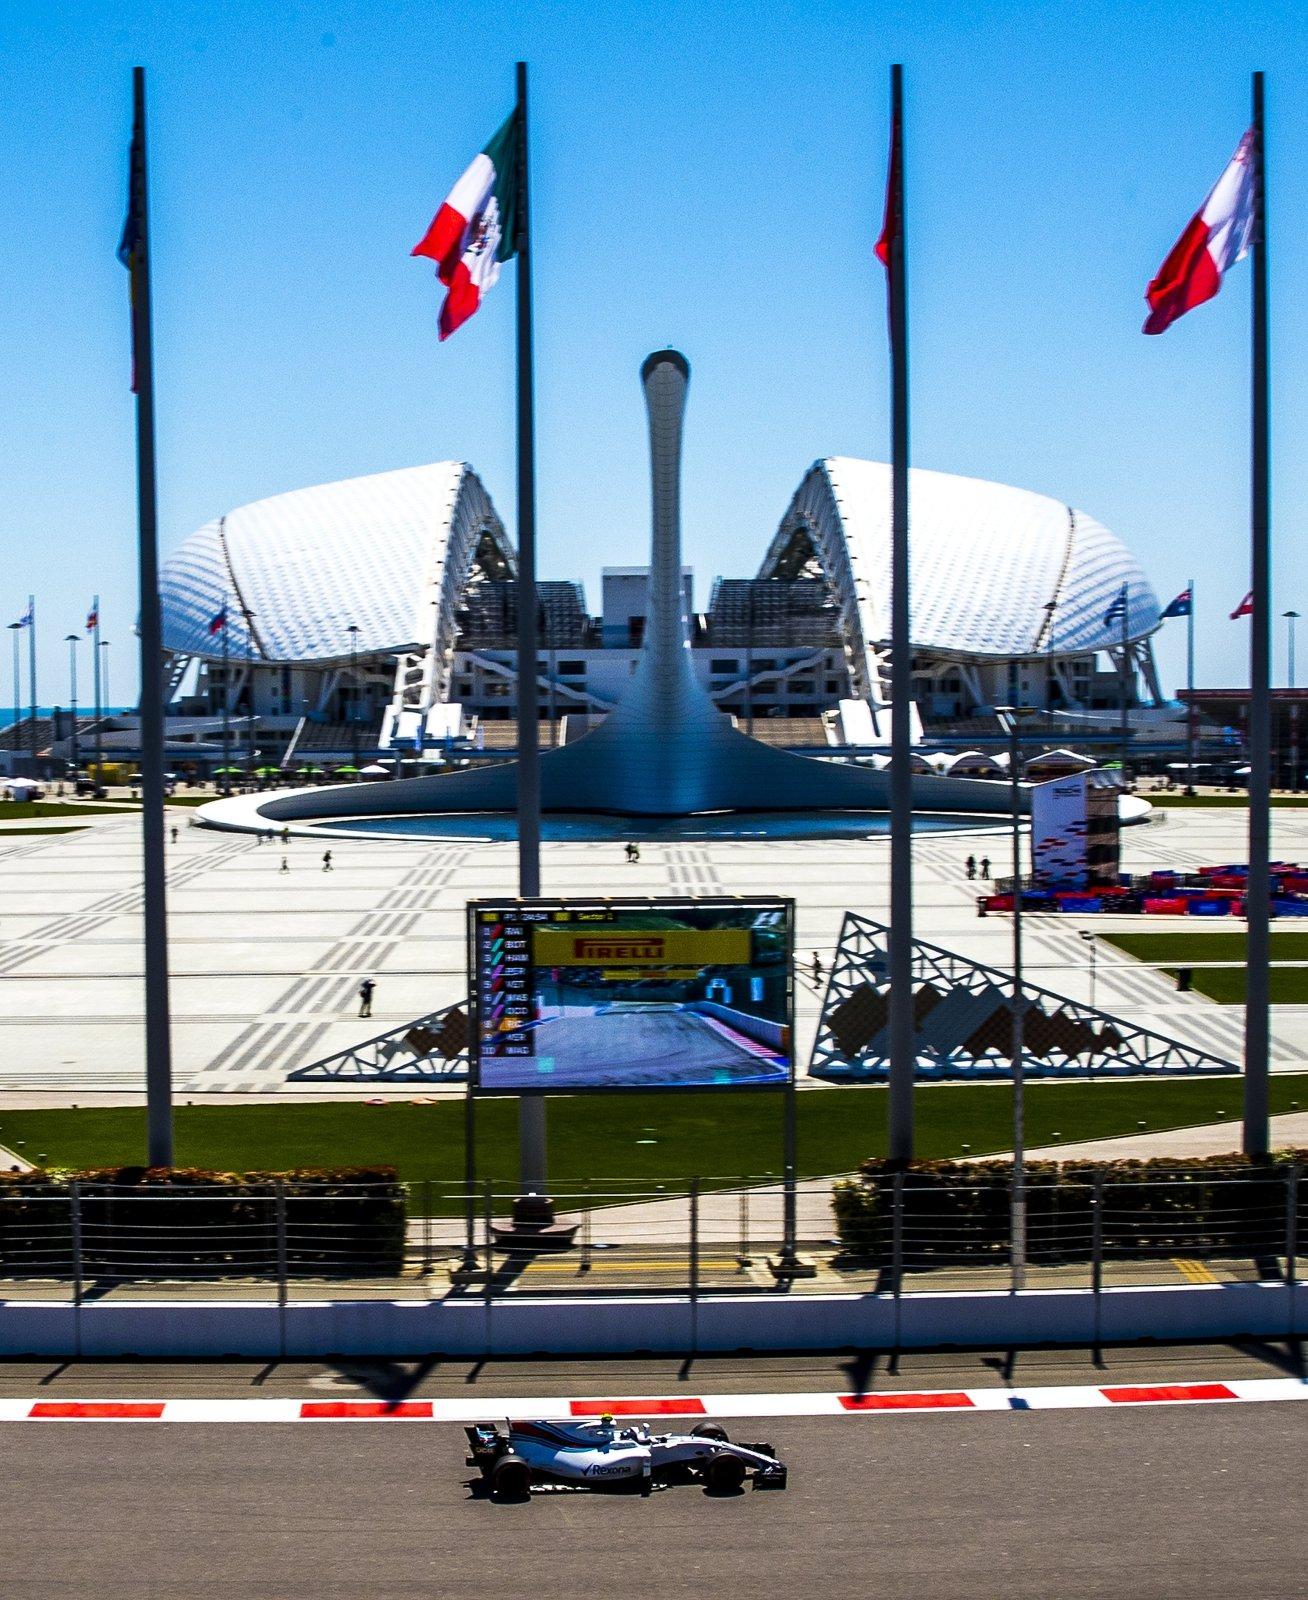 Próbna sesja wyścigów Formuły 1 w Sochi, w Rosji. Fot. PAP/EPA/SRDJAN SUKI